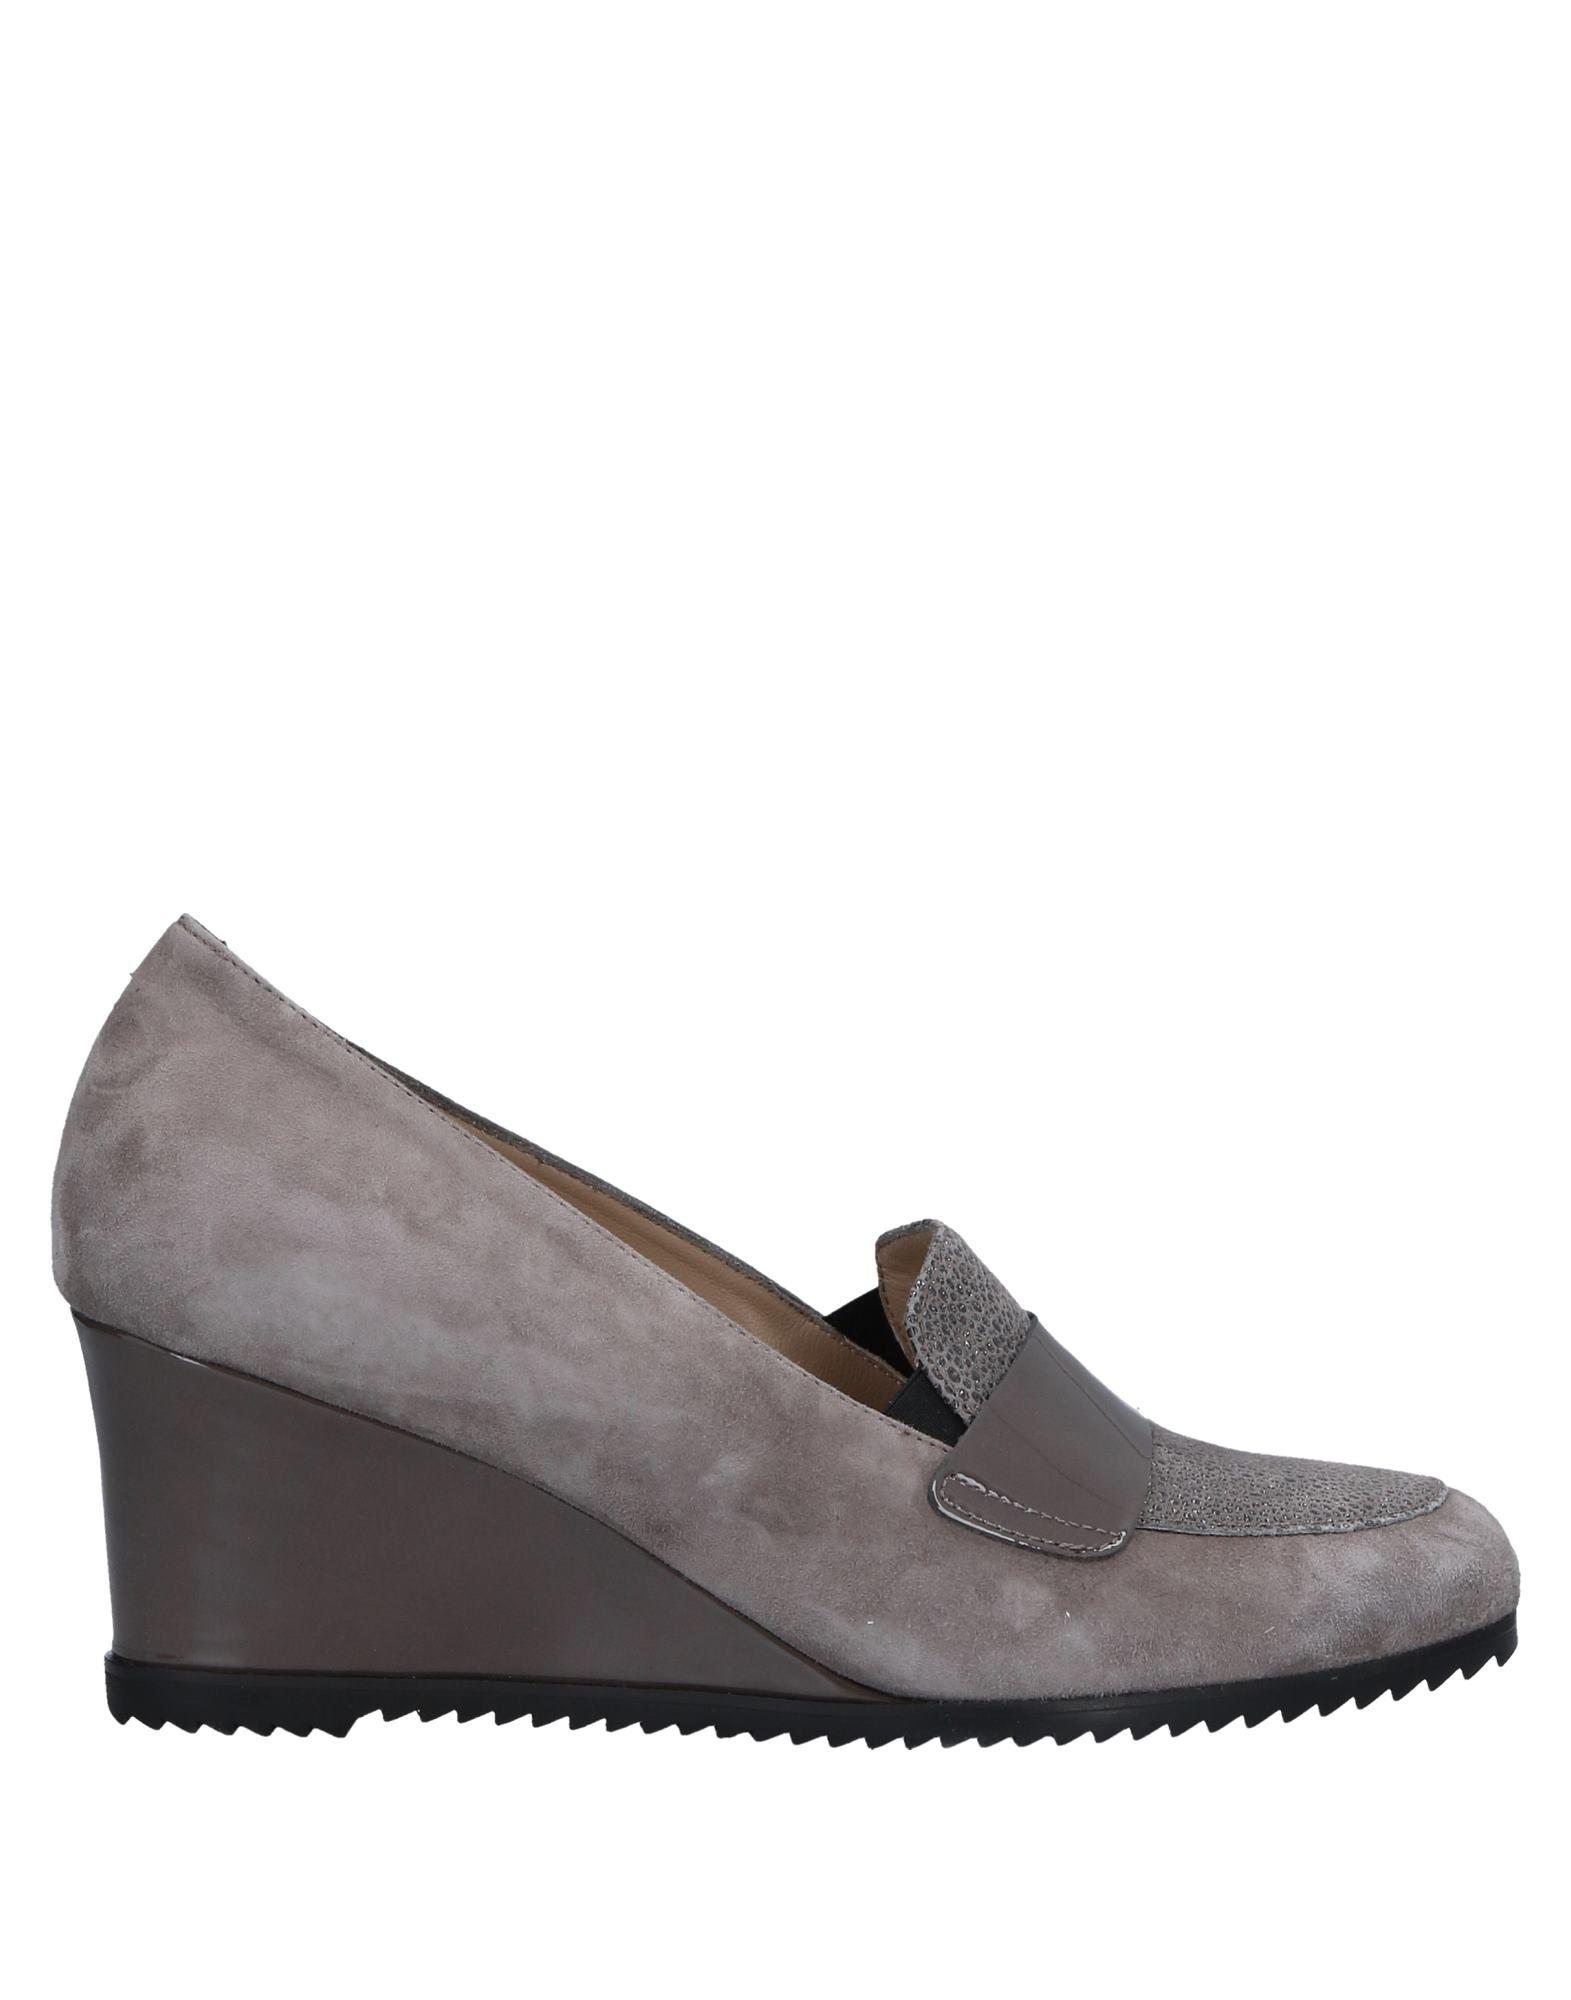 Donna Soft Mokassins Damen  11533626WX Gute Qualität beliebte Schuhe